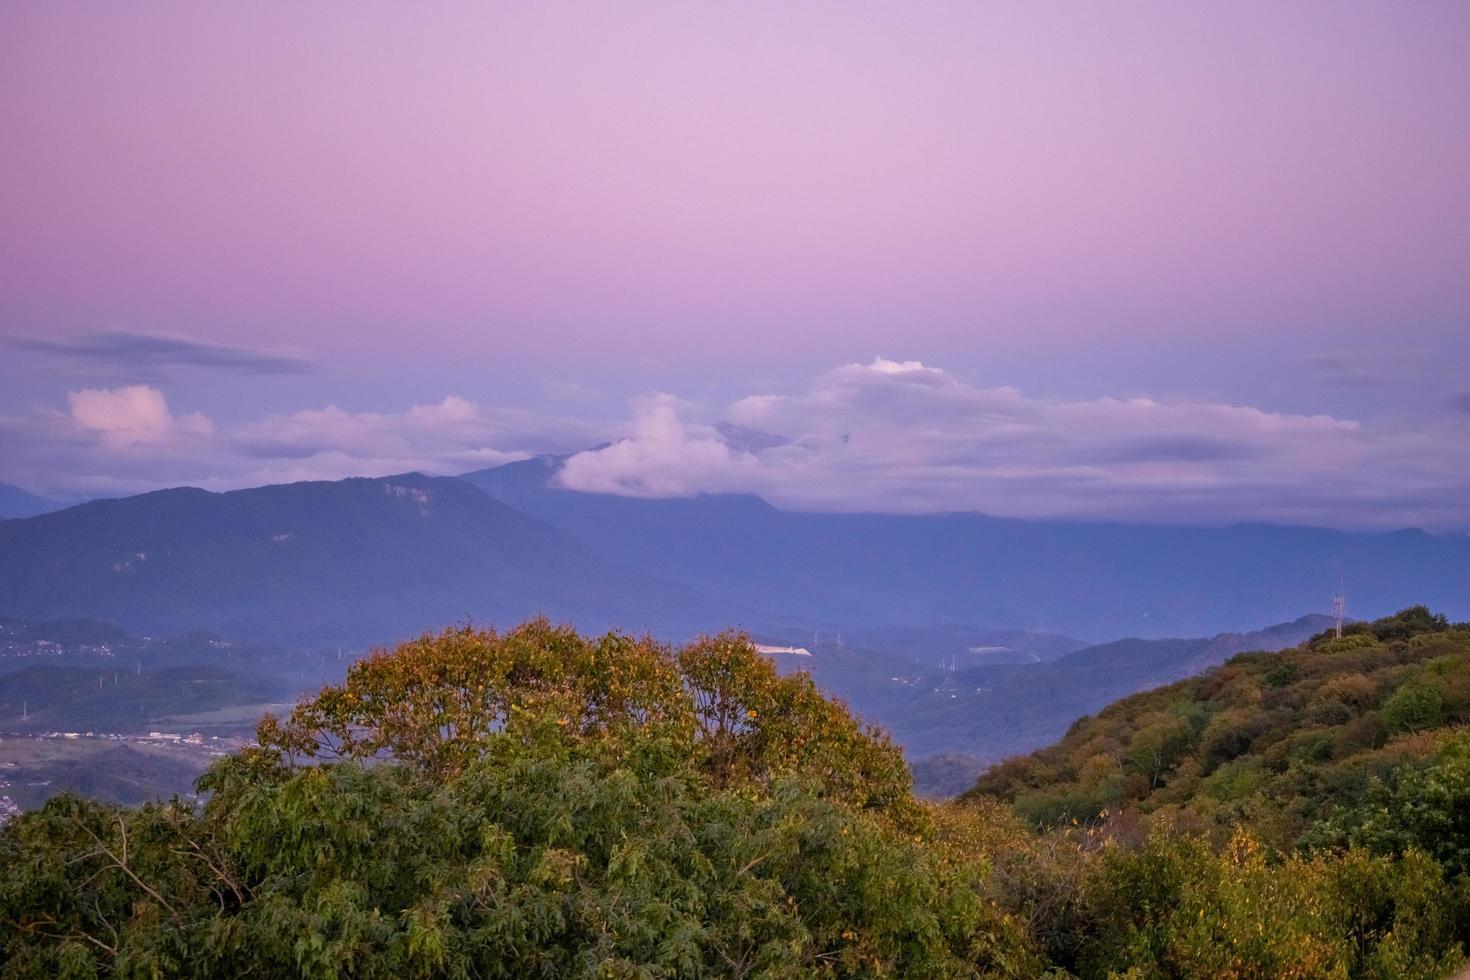 paysage de montagne au coucher du soleil. photo